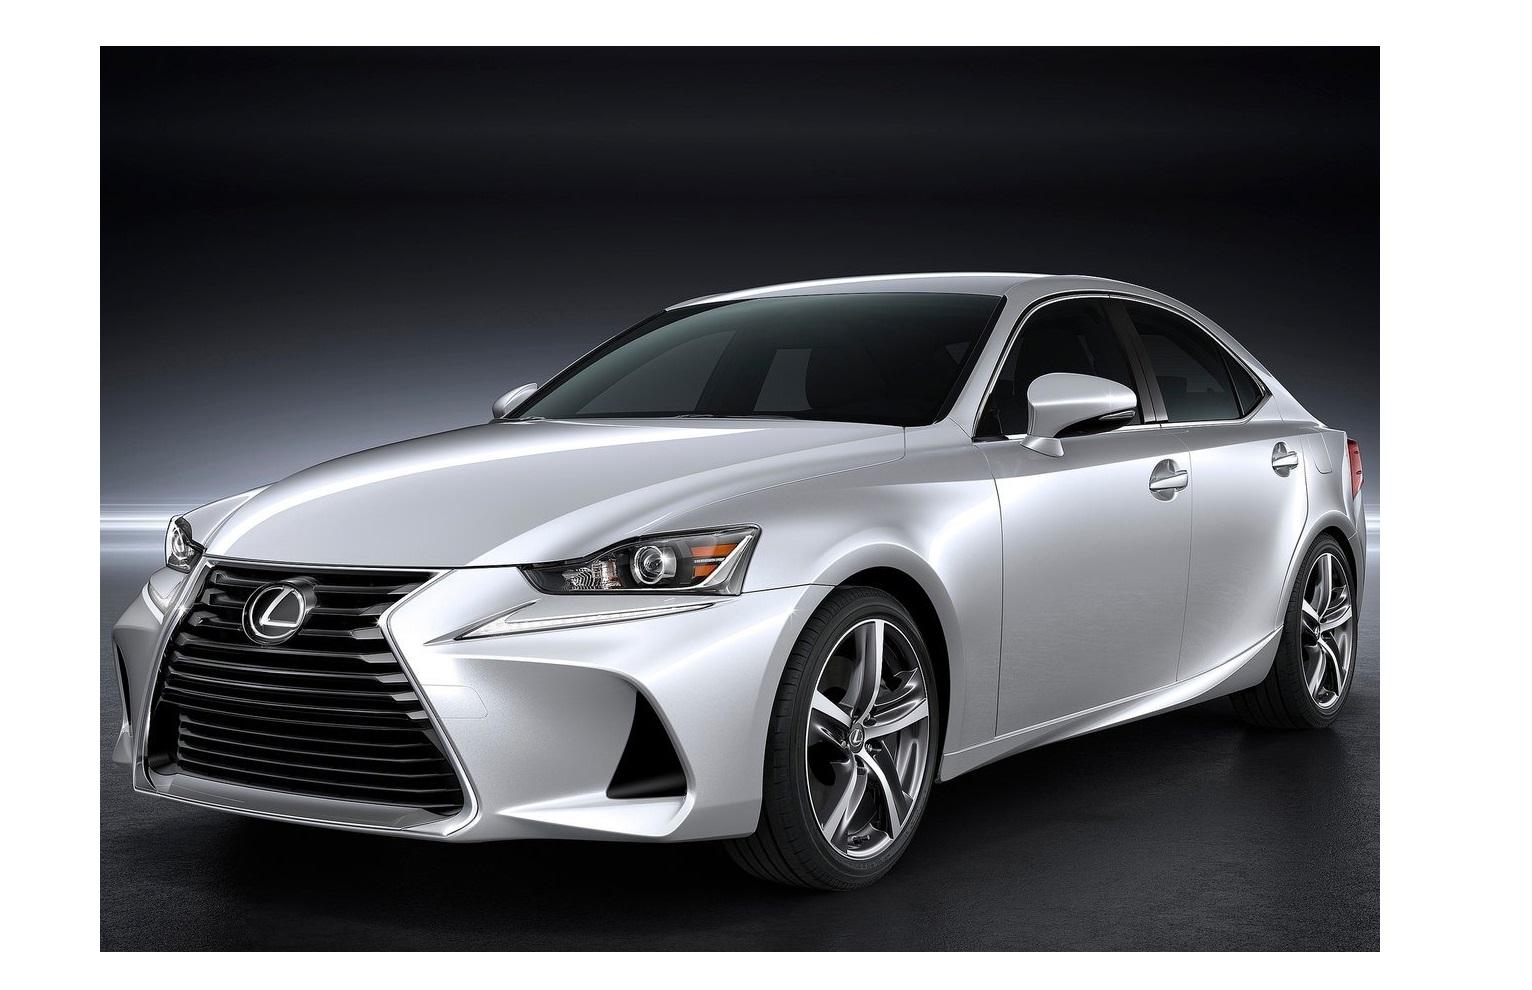 Lexus Is 200t Price In Uae